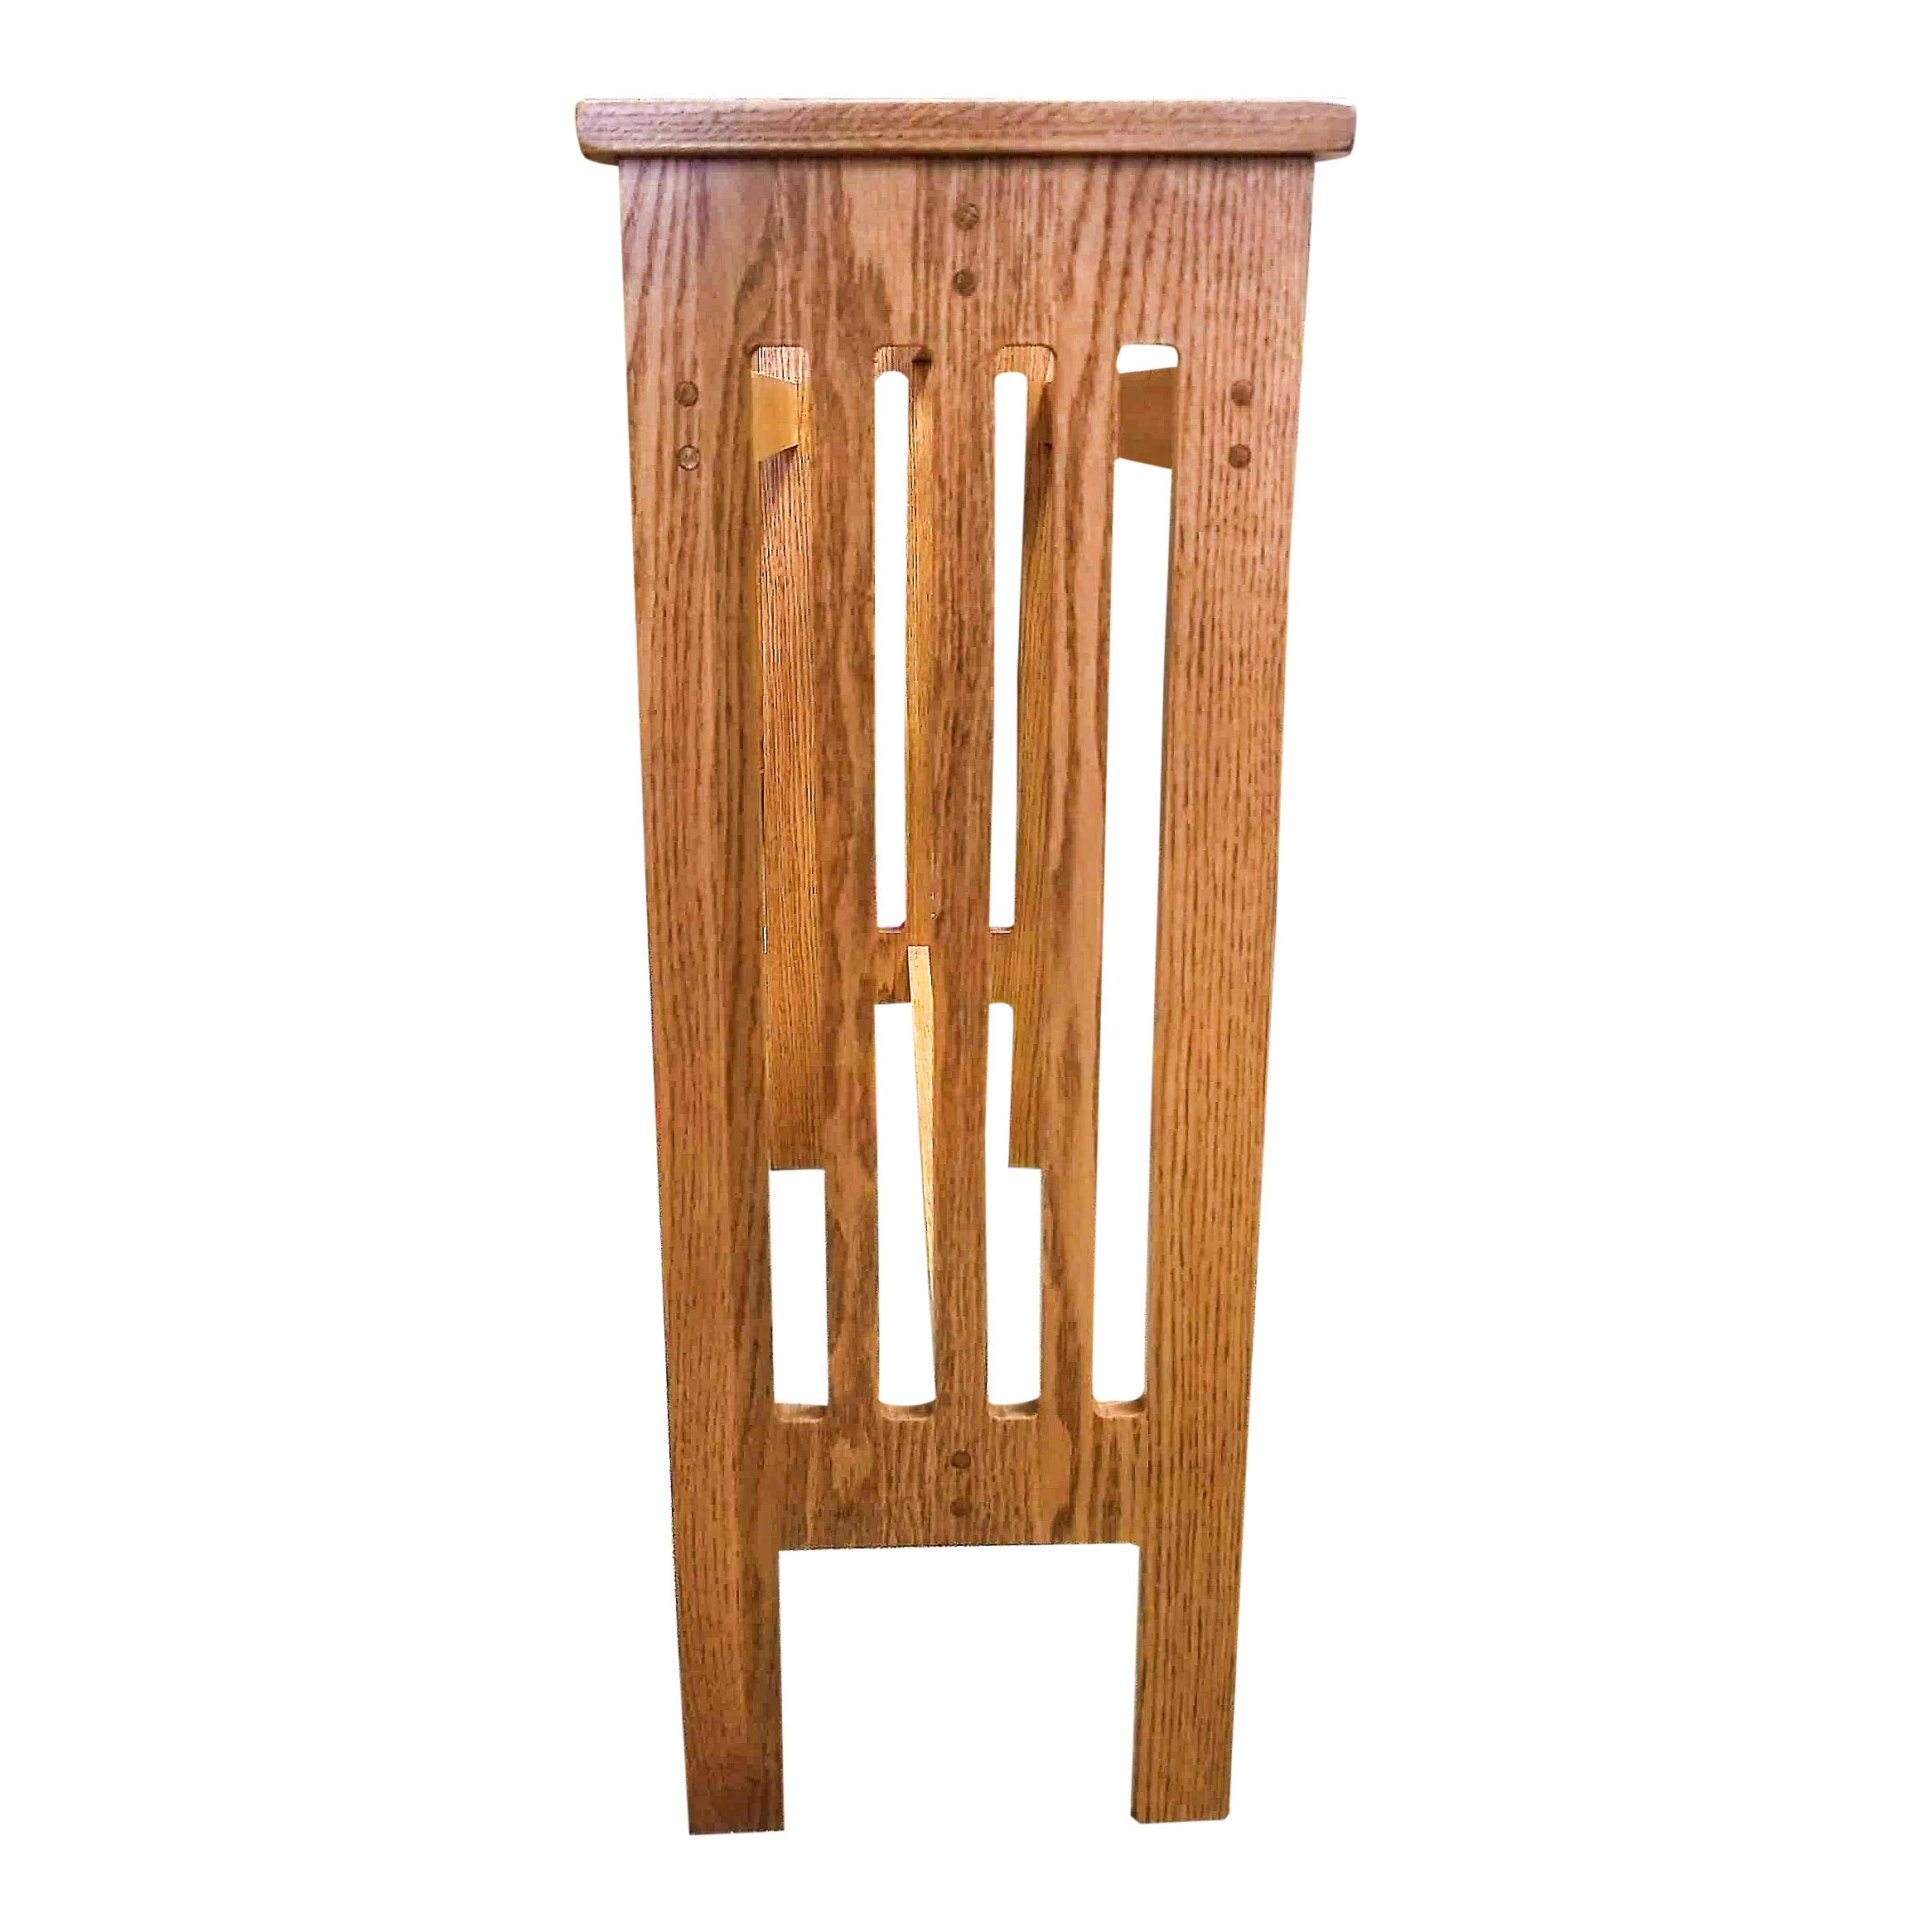 Allamishfurniture Amish Oak Floor Quilt Rack Mission UNASSEMBLED by Allamishfurniture